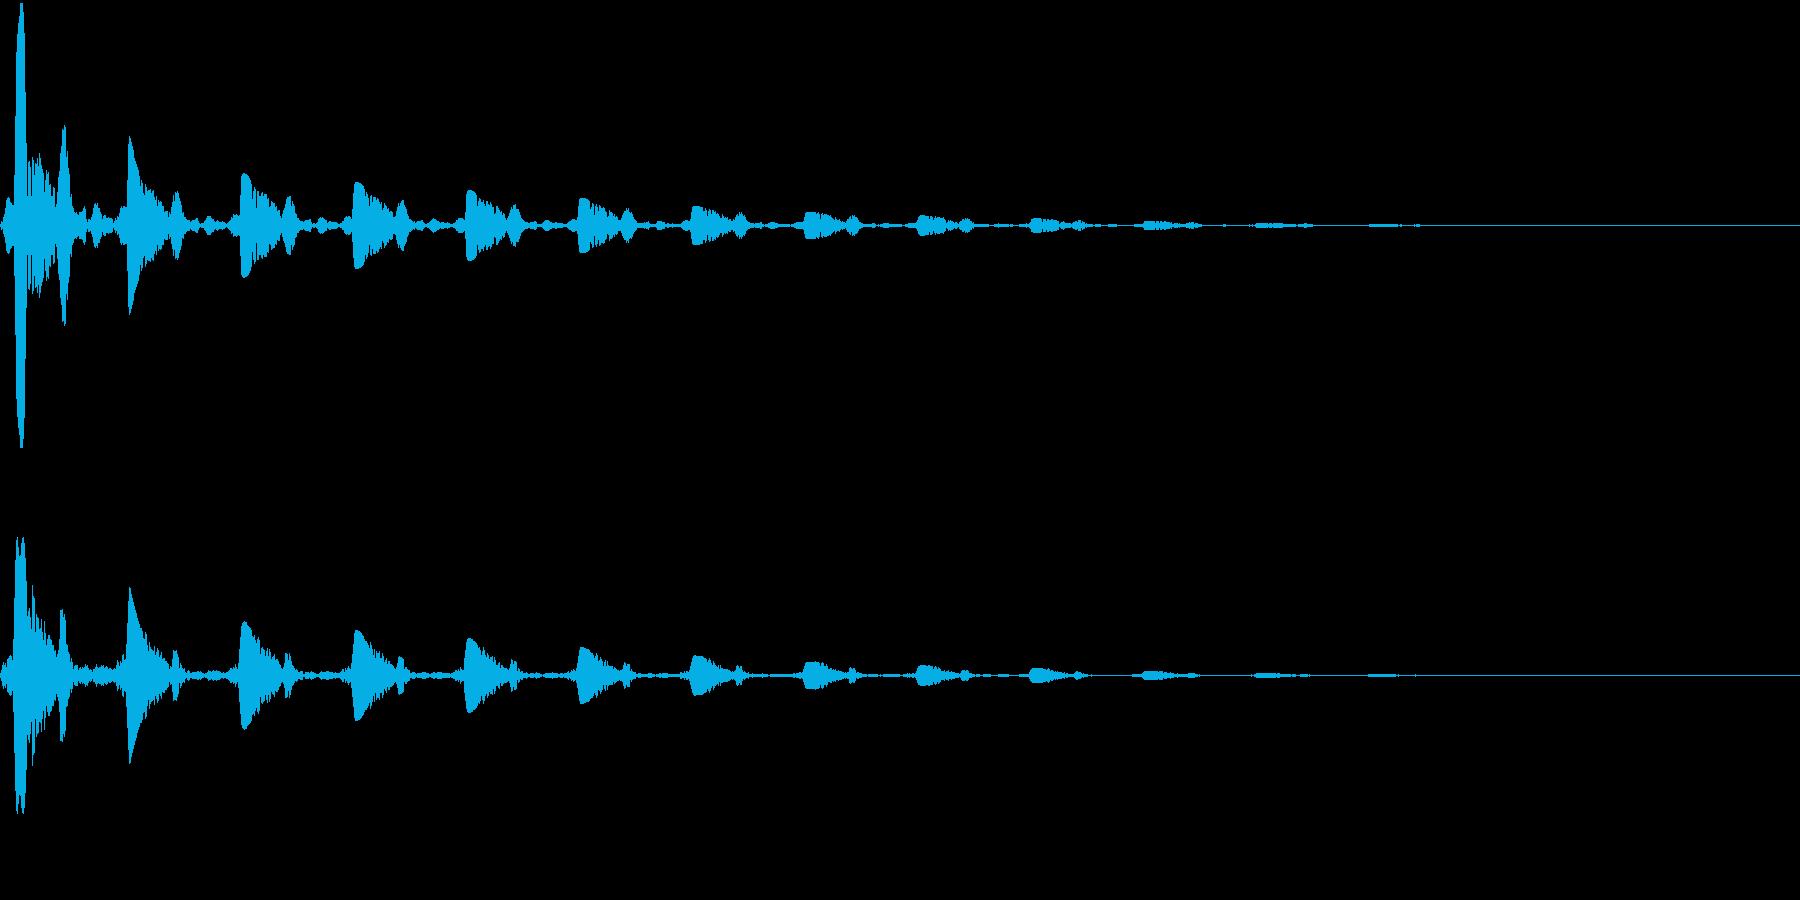 クォクォクォ・・・・・・・の再生済みの波形